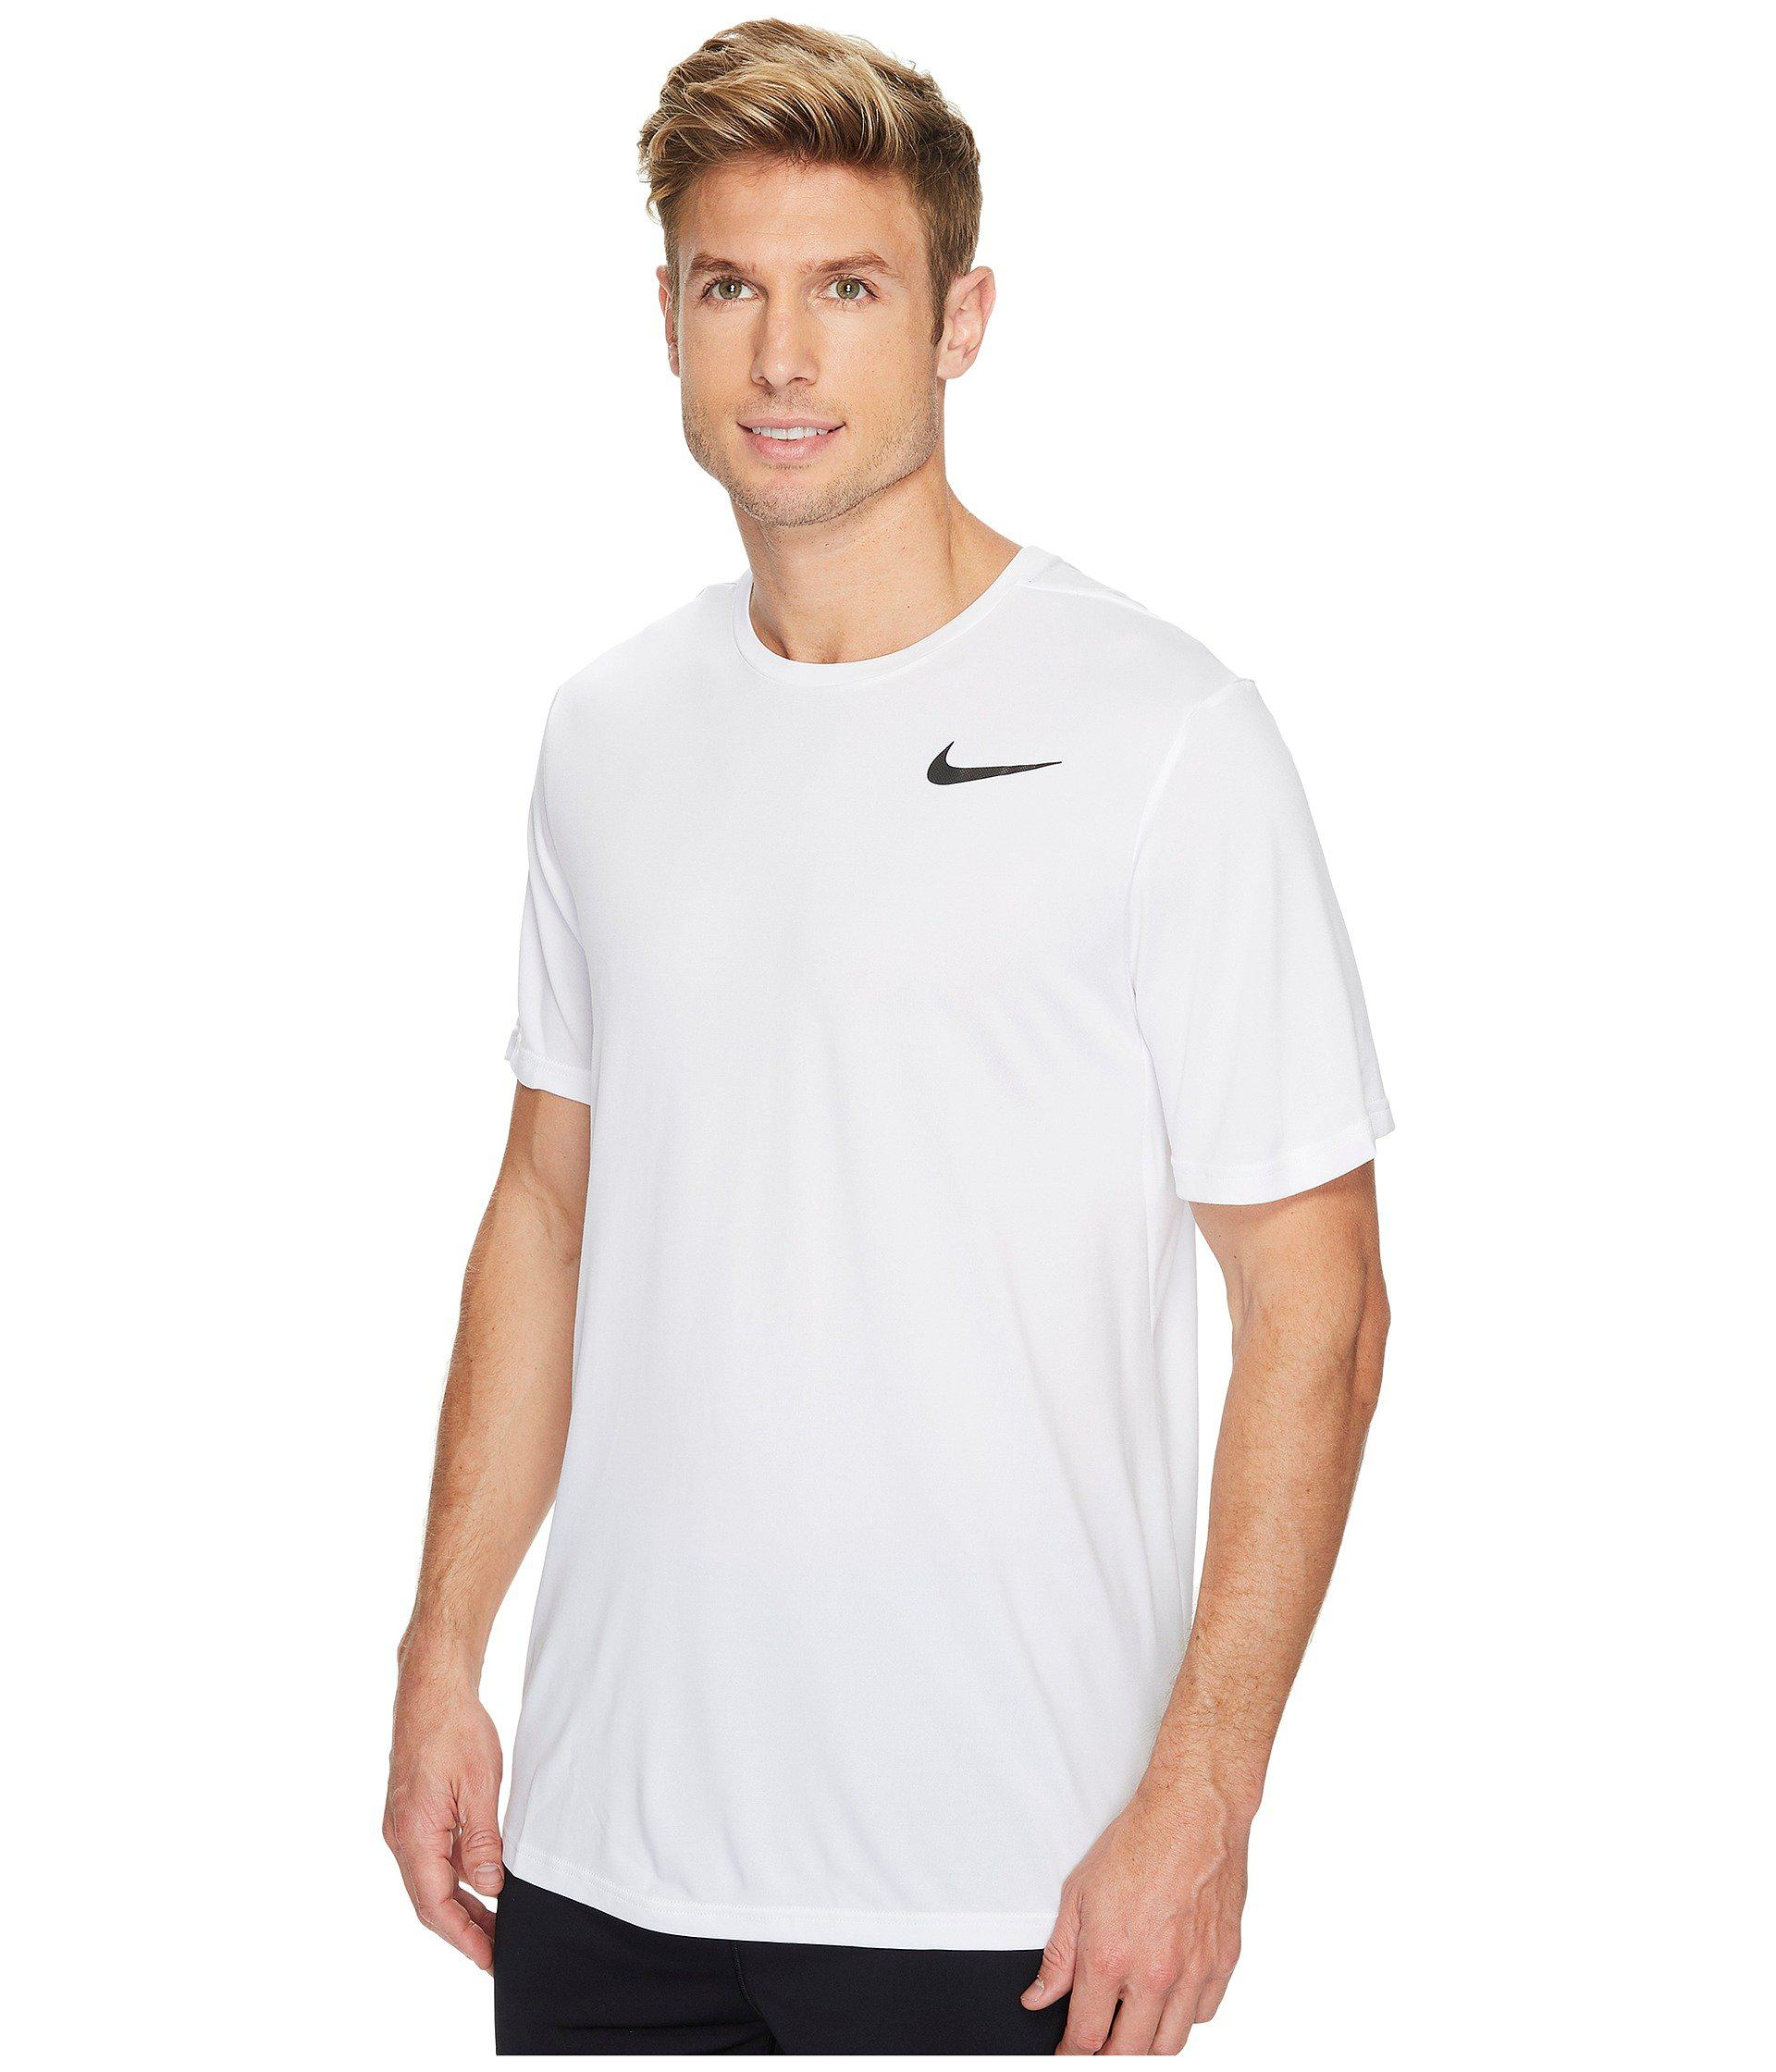 7f978972f82cb Lyst - Nike Breathe Short Sleeve Training Top (light Carbon thunder Blue  hyper Crimson) Men s Clothing in White for Men